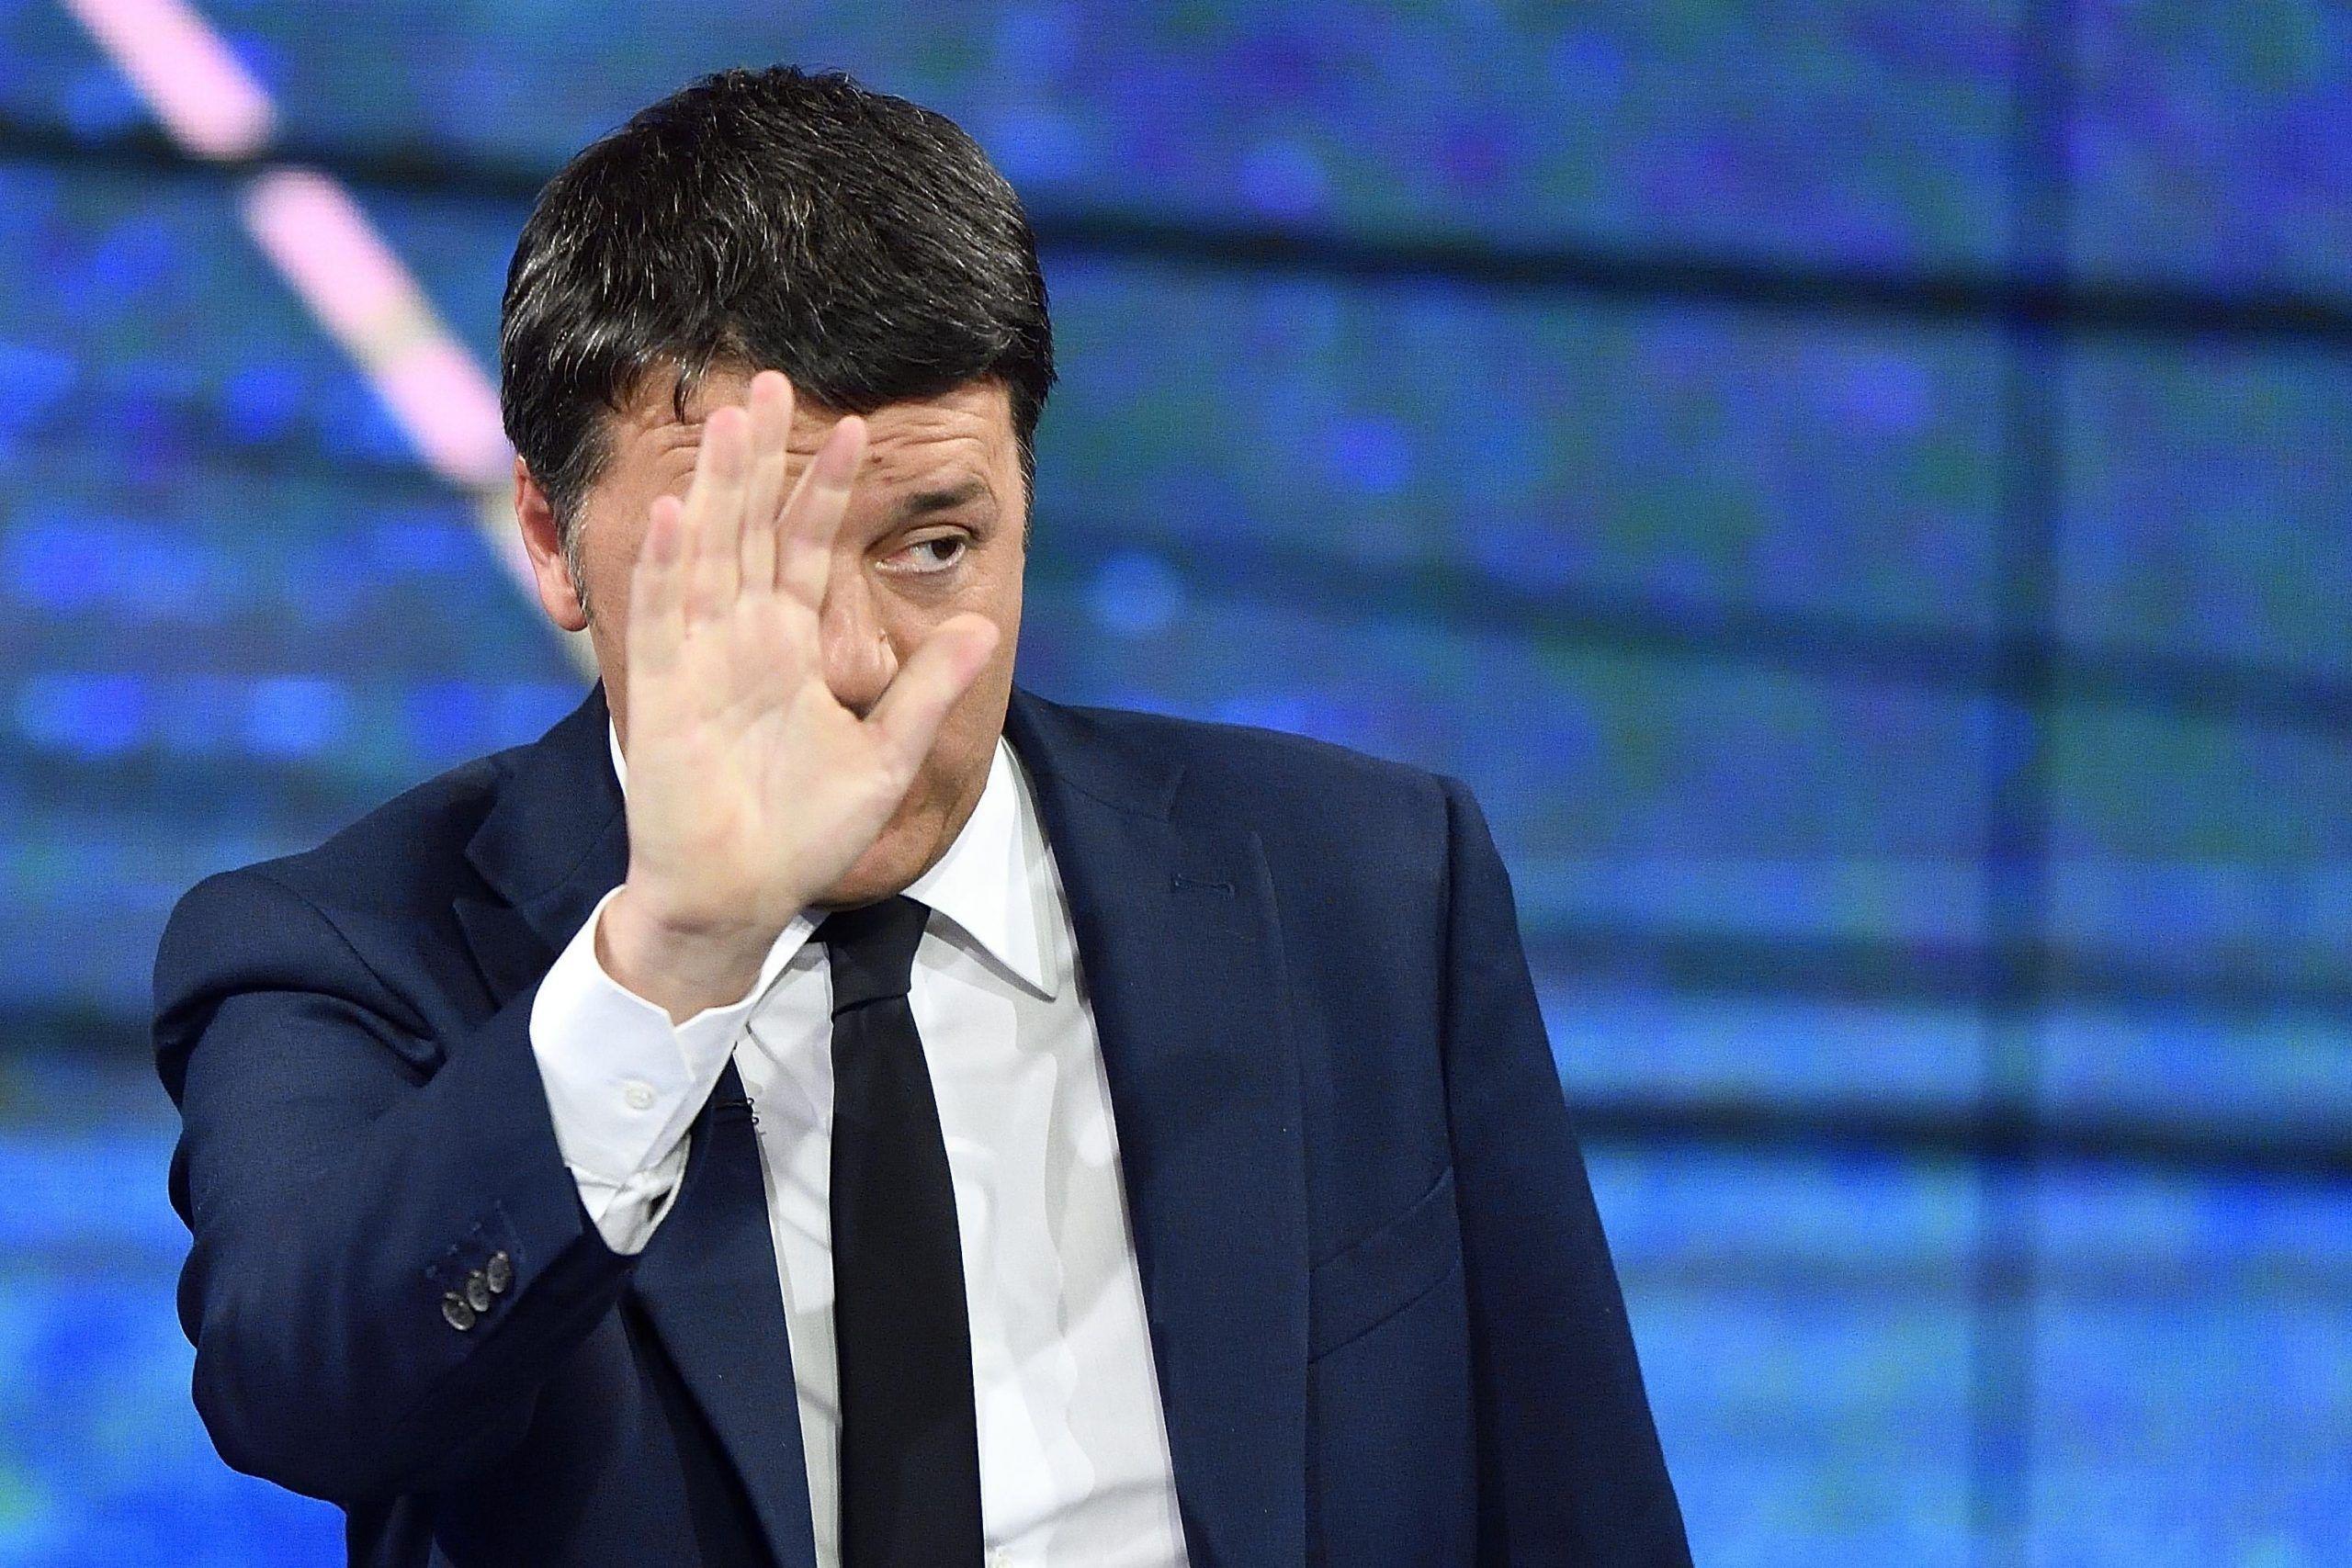 Elezioni: Renzi verso le dimissioni